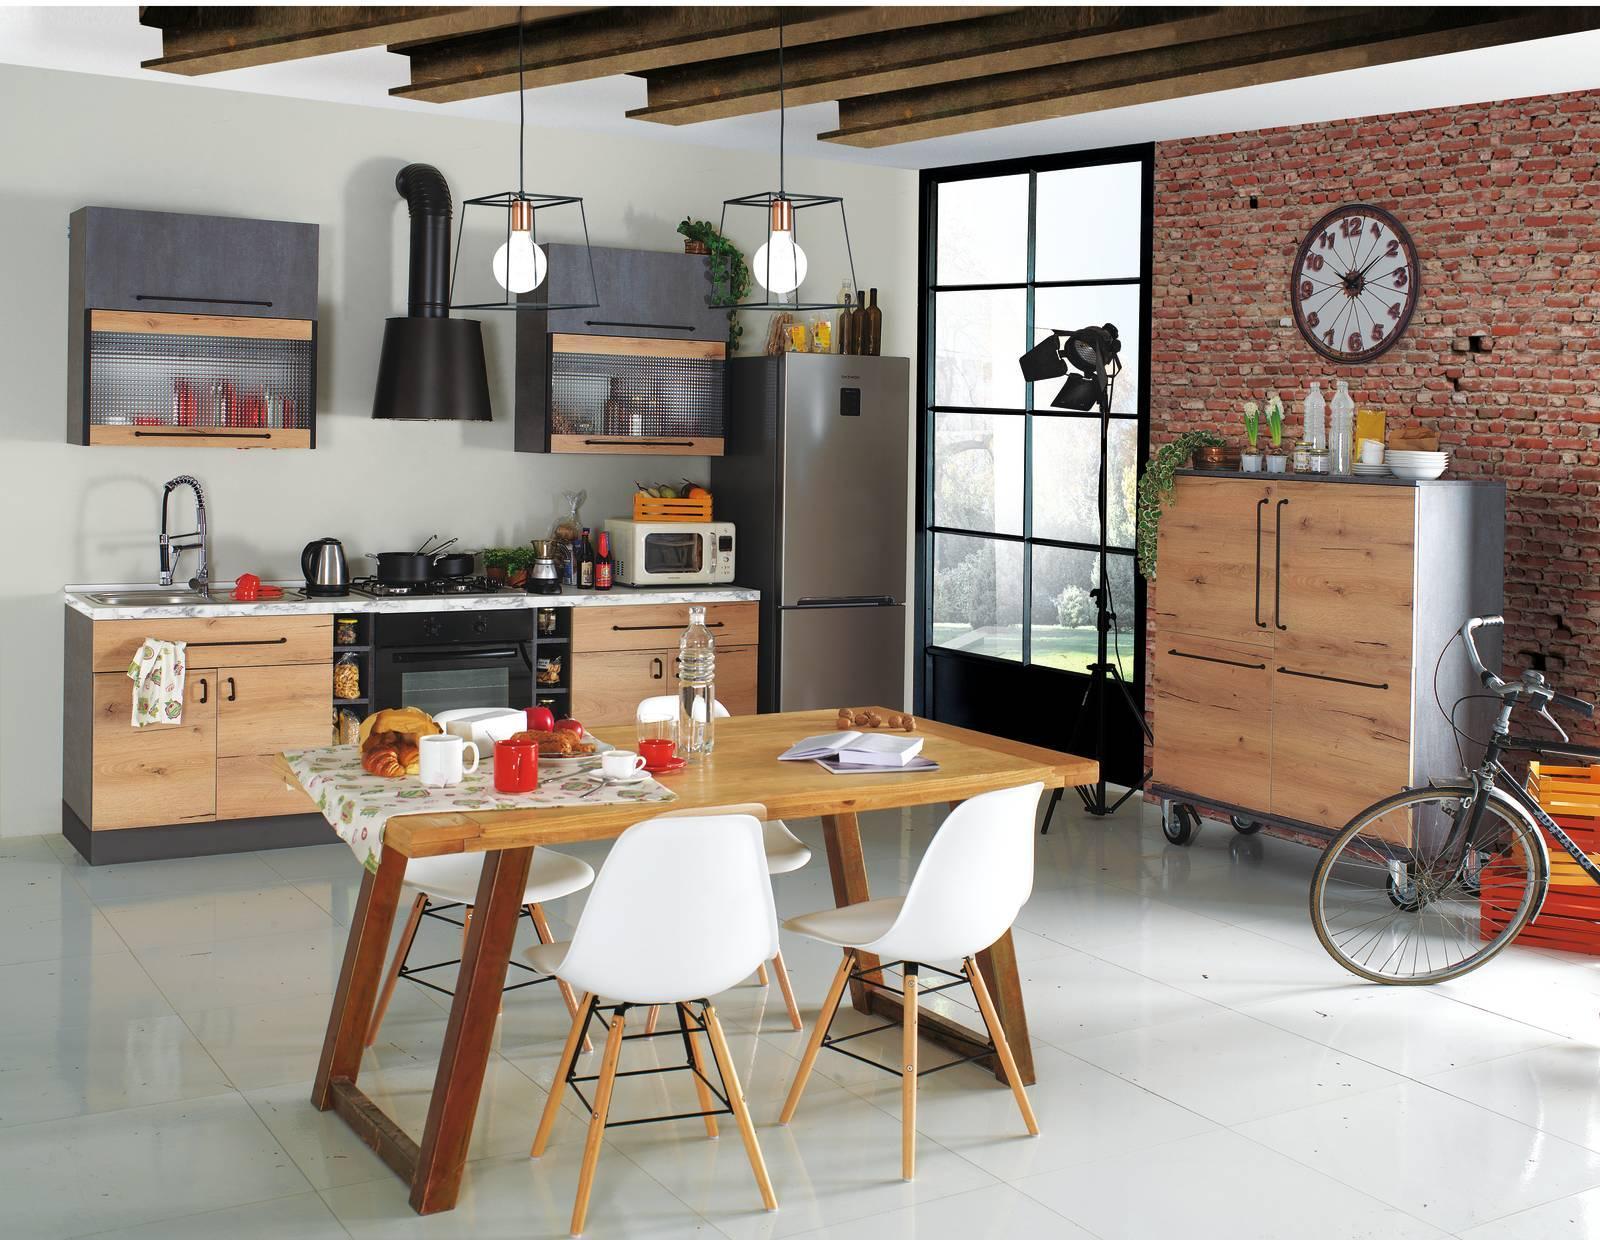 La cucina con il frigorifero freestanding. Un evergreen ...